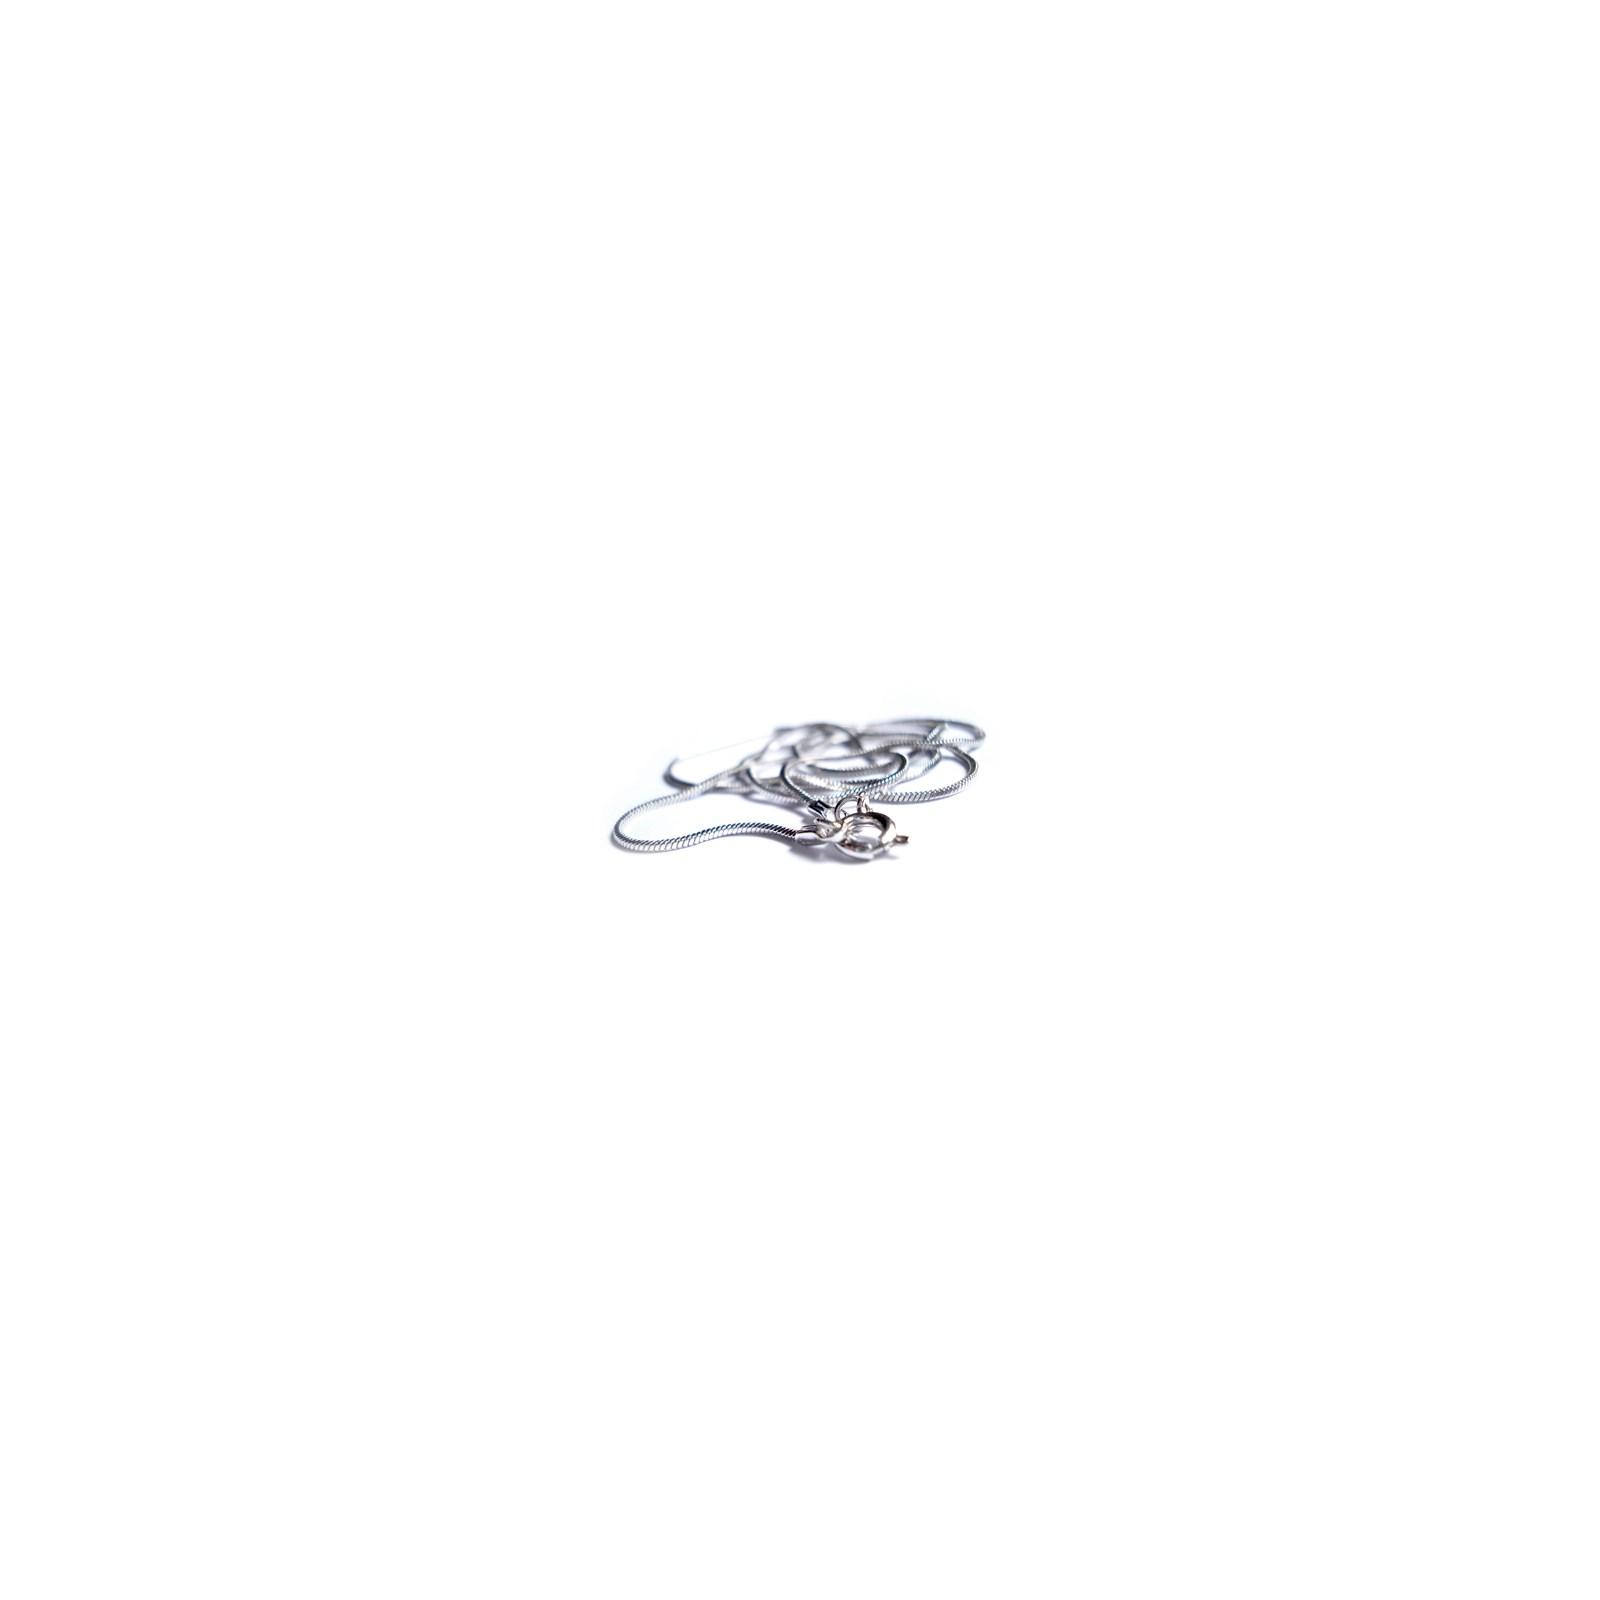 74a7ae46f Corrente rabo de rato fina de prata - Tamanho 40 cm. - Livraria Sêfer